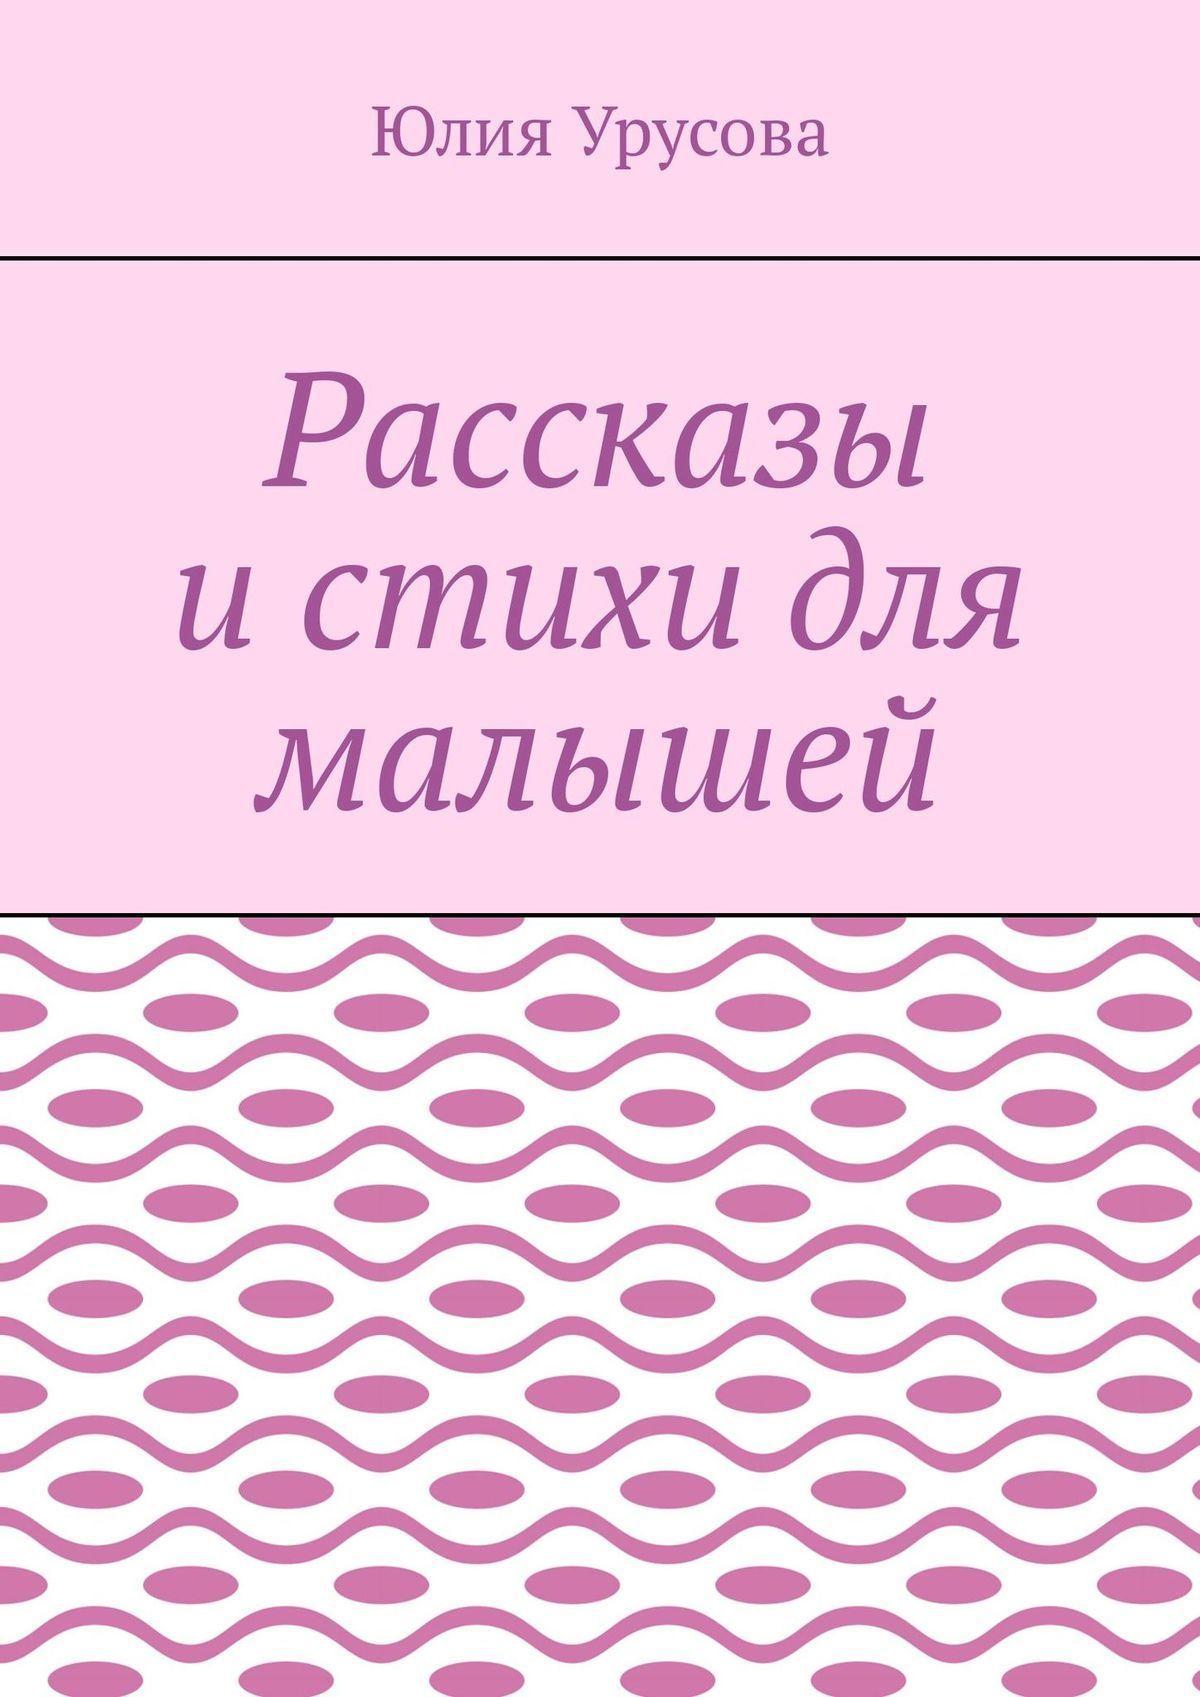 Юлия Урусова Рассказы истихи для малышей чук и гек рассказы